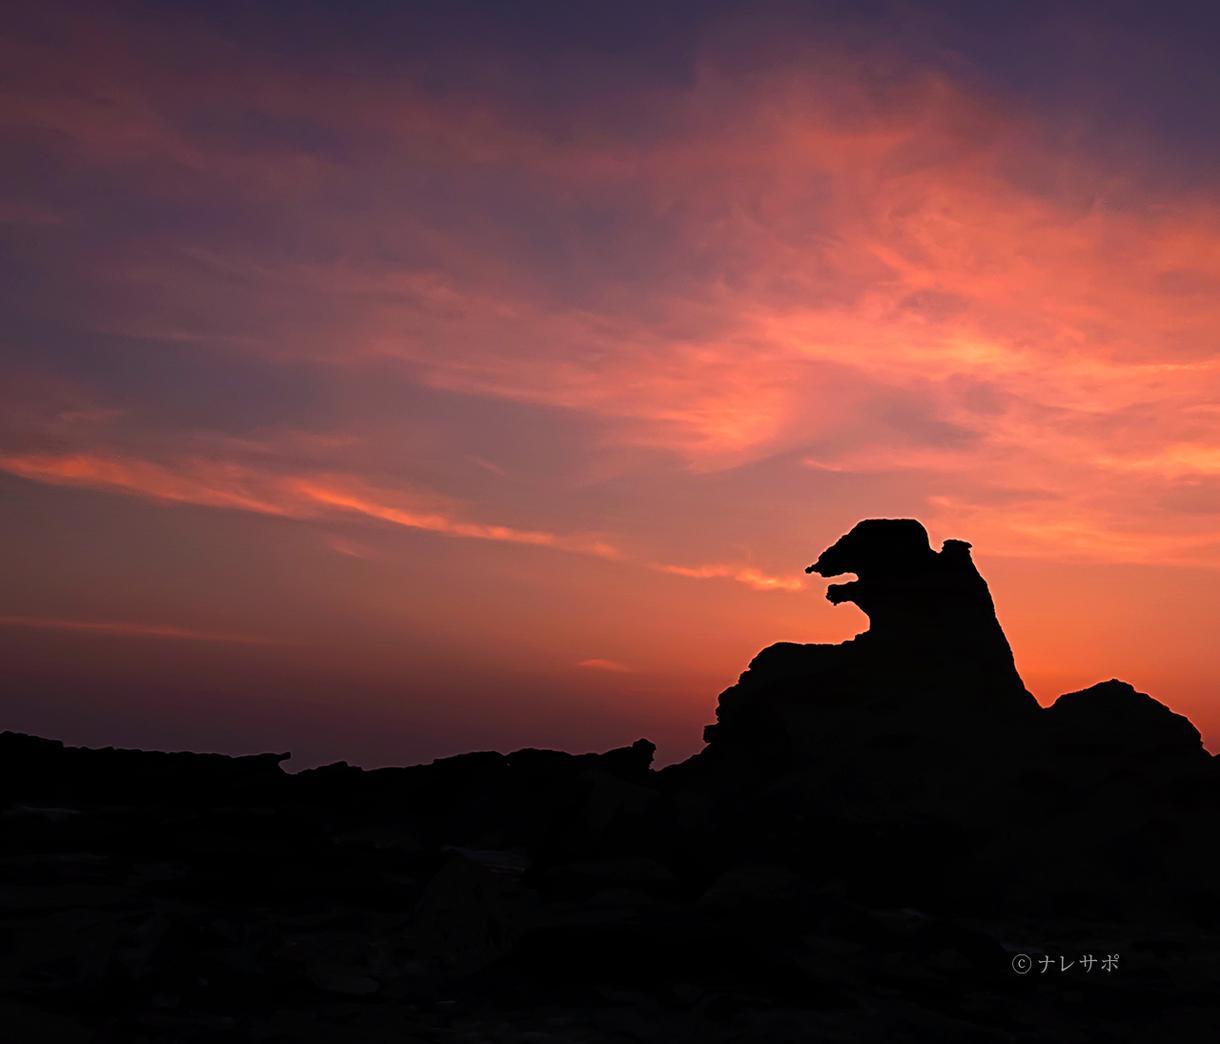 北東北の風景写真(半日3点迄)撮影代行いたします ハイスペックのスマホで撮影するため、料金を抑えられます!